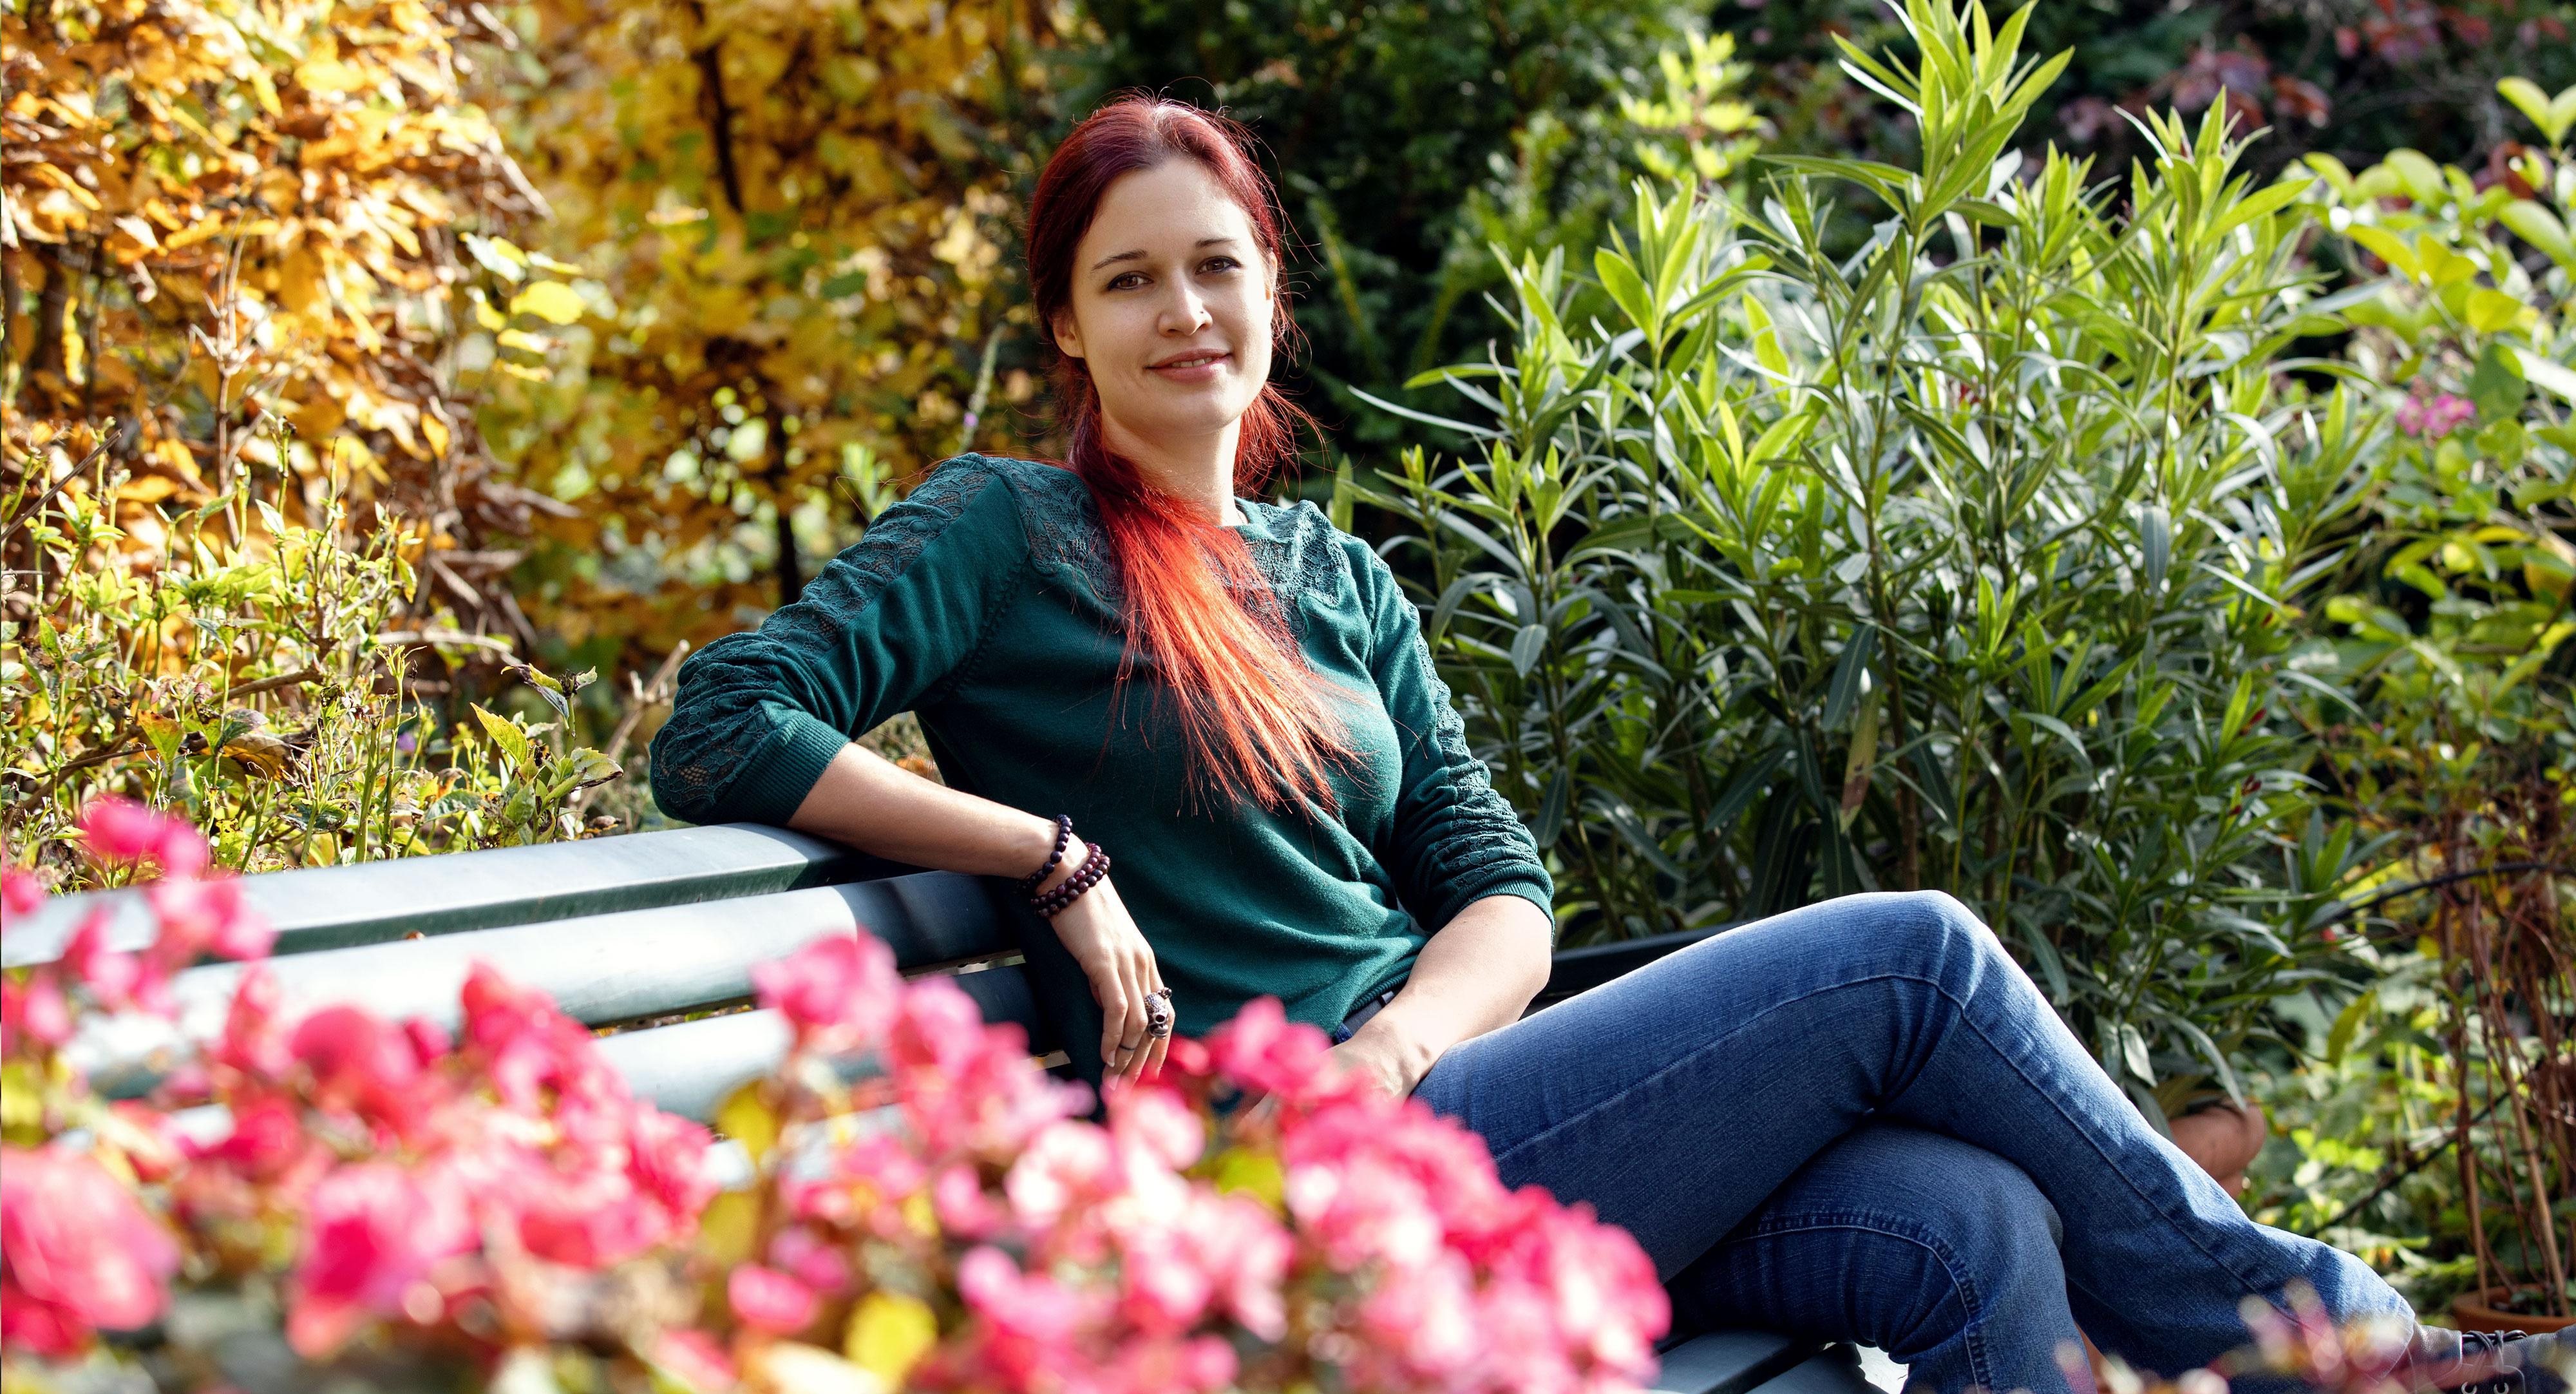 Jessica Zeder